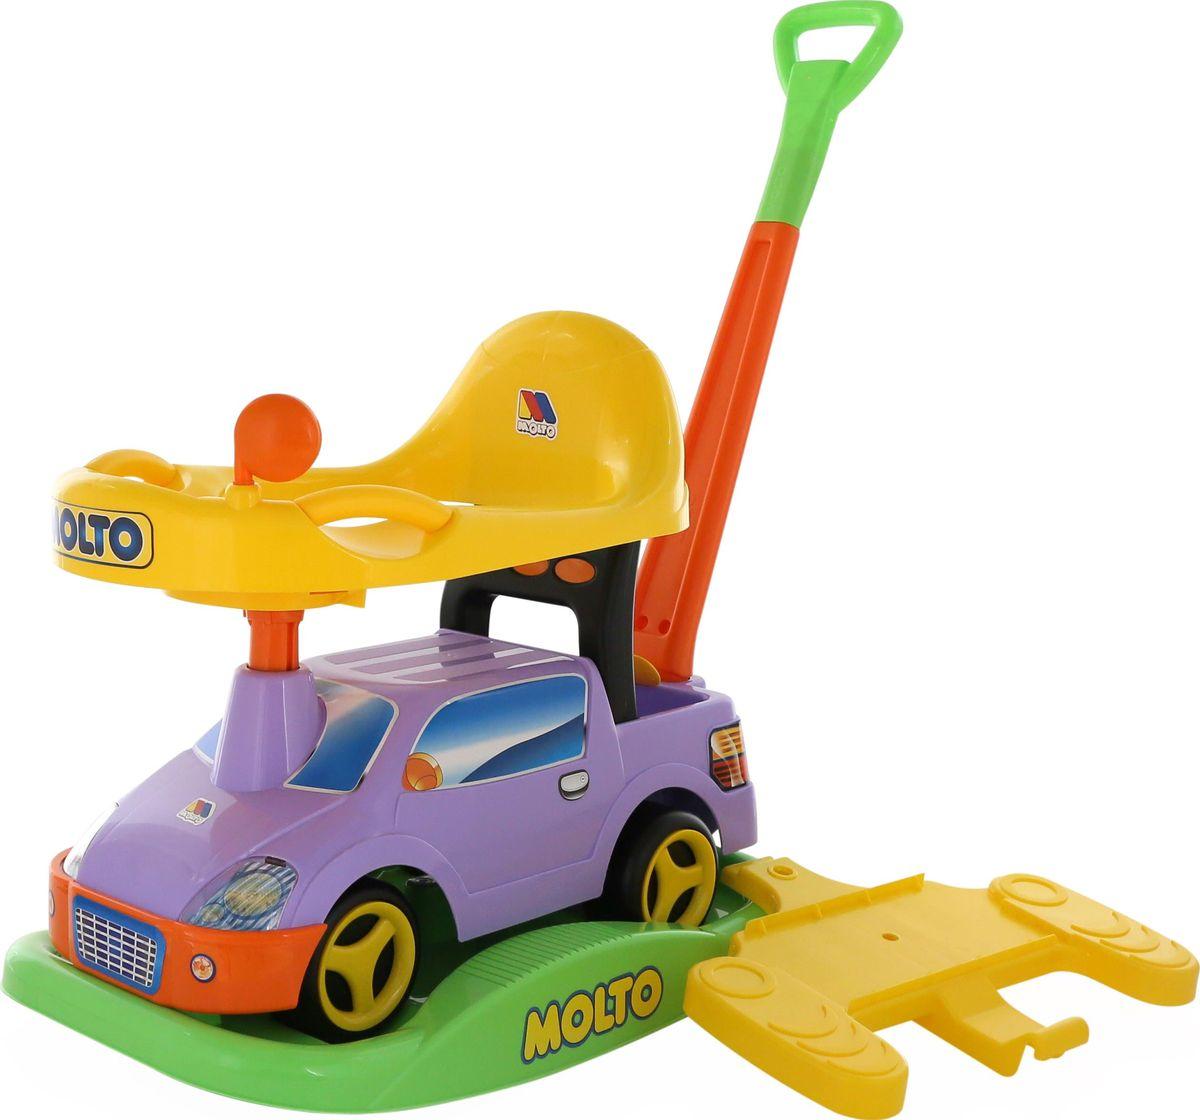 Полесье Каталка Пикап №2 цвет в ассортименте автомобиль каталка полесье премиум 2 67142 цвет в ассортименте